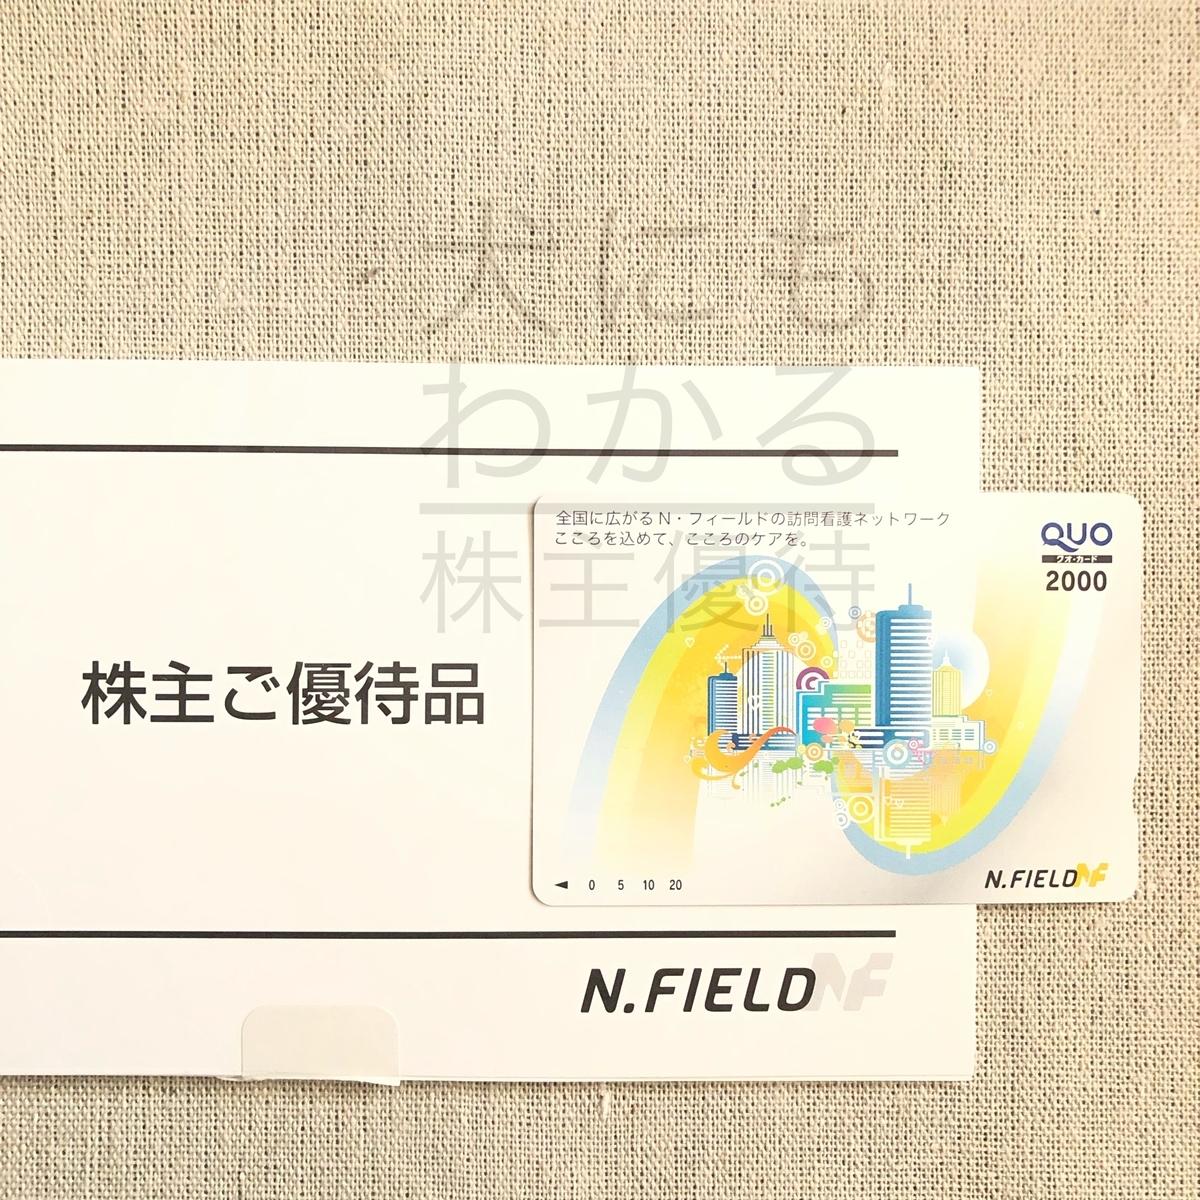 株式会社N.FIELD 株主優待品